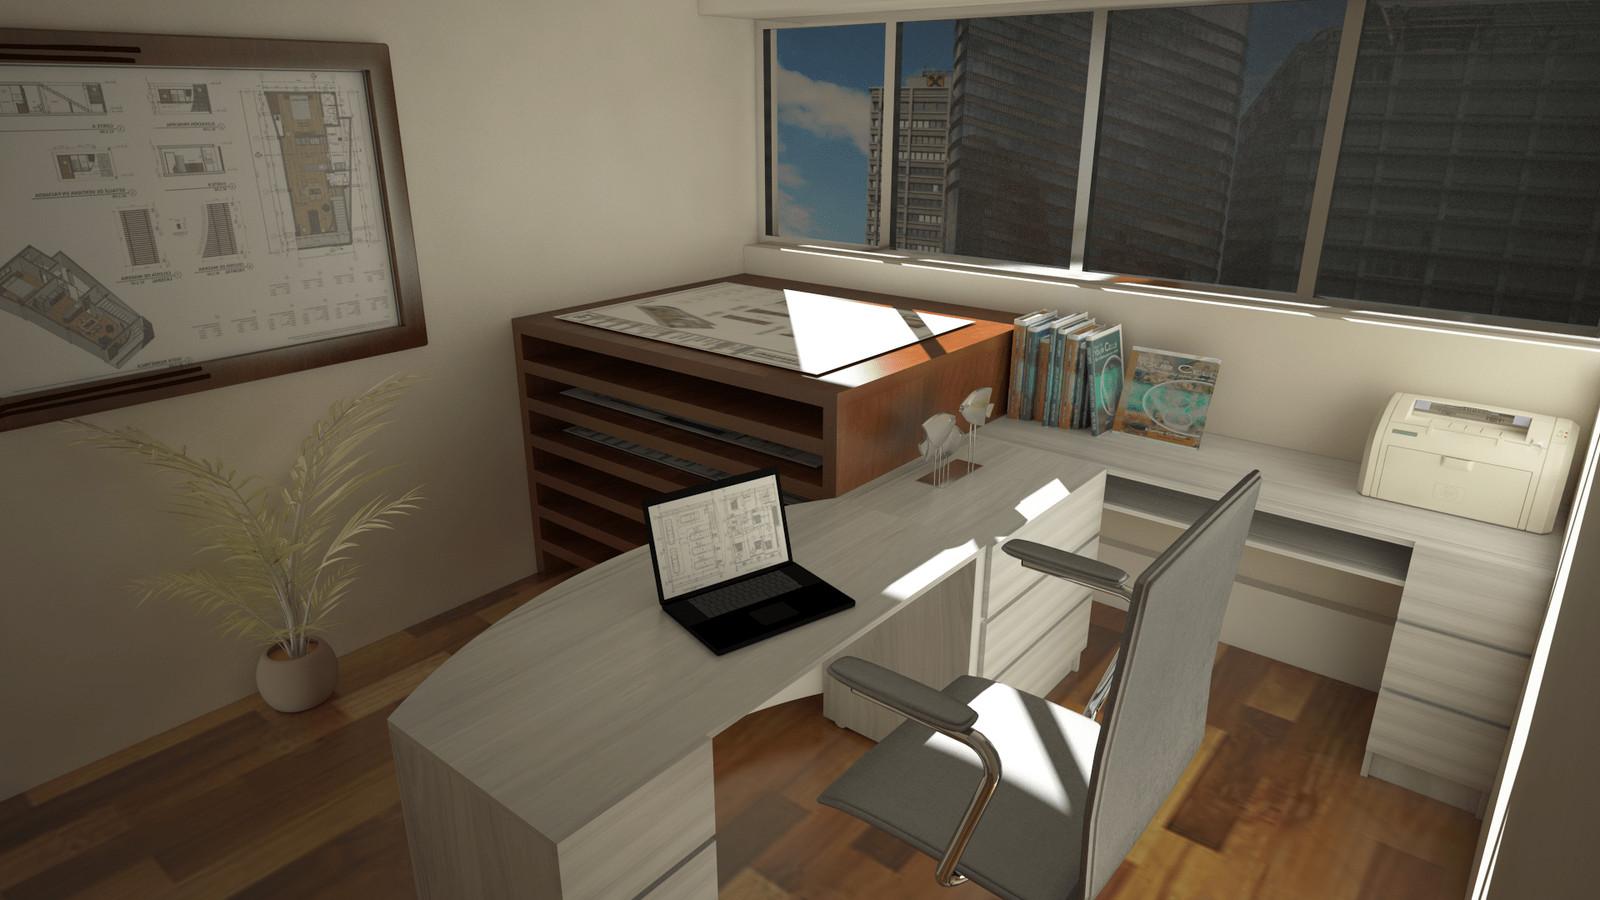 Camas plegables camas abatibles cama escritorio camas plegables para espacios peque os - Escritorios espacios pequenos ...